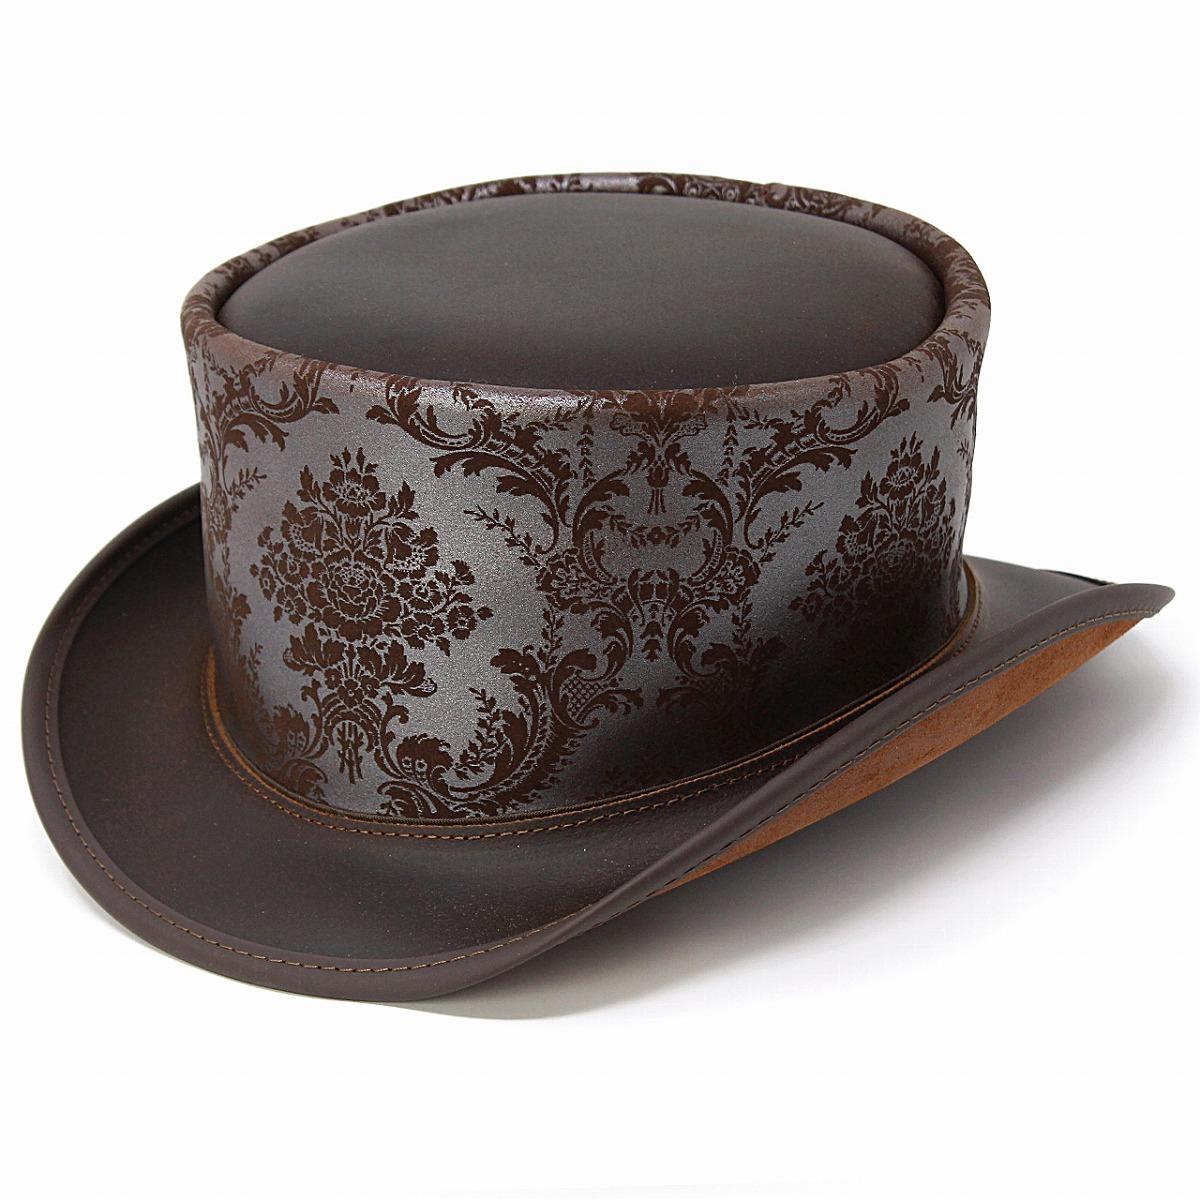 トップハット レザー 柄 メンズ ハット Head'n Home Steampamk 帽子 シルクハット レディース スチームパンク 衣装 本革 アメリカ製 レザーハット お洒落 秋 冬 高級帽子 上品 ブラウン シルバー [ top hat ] 男性 帽子 プレゼント クリスマス ギフト